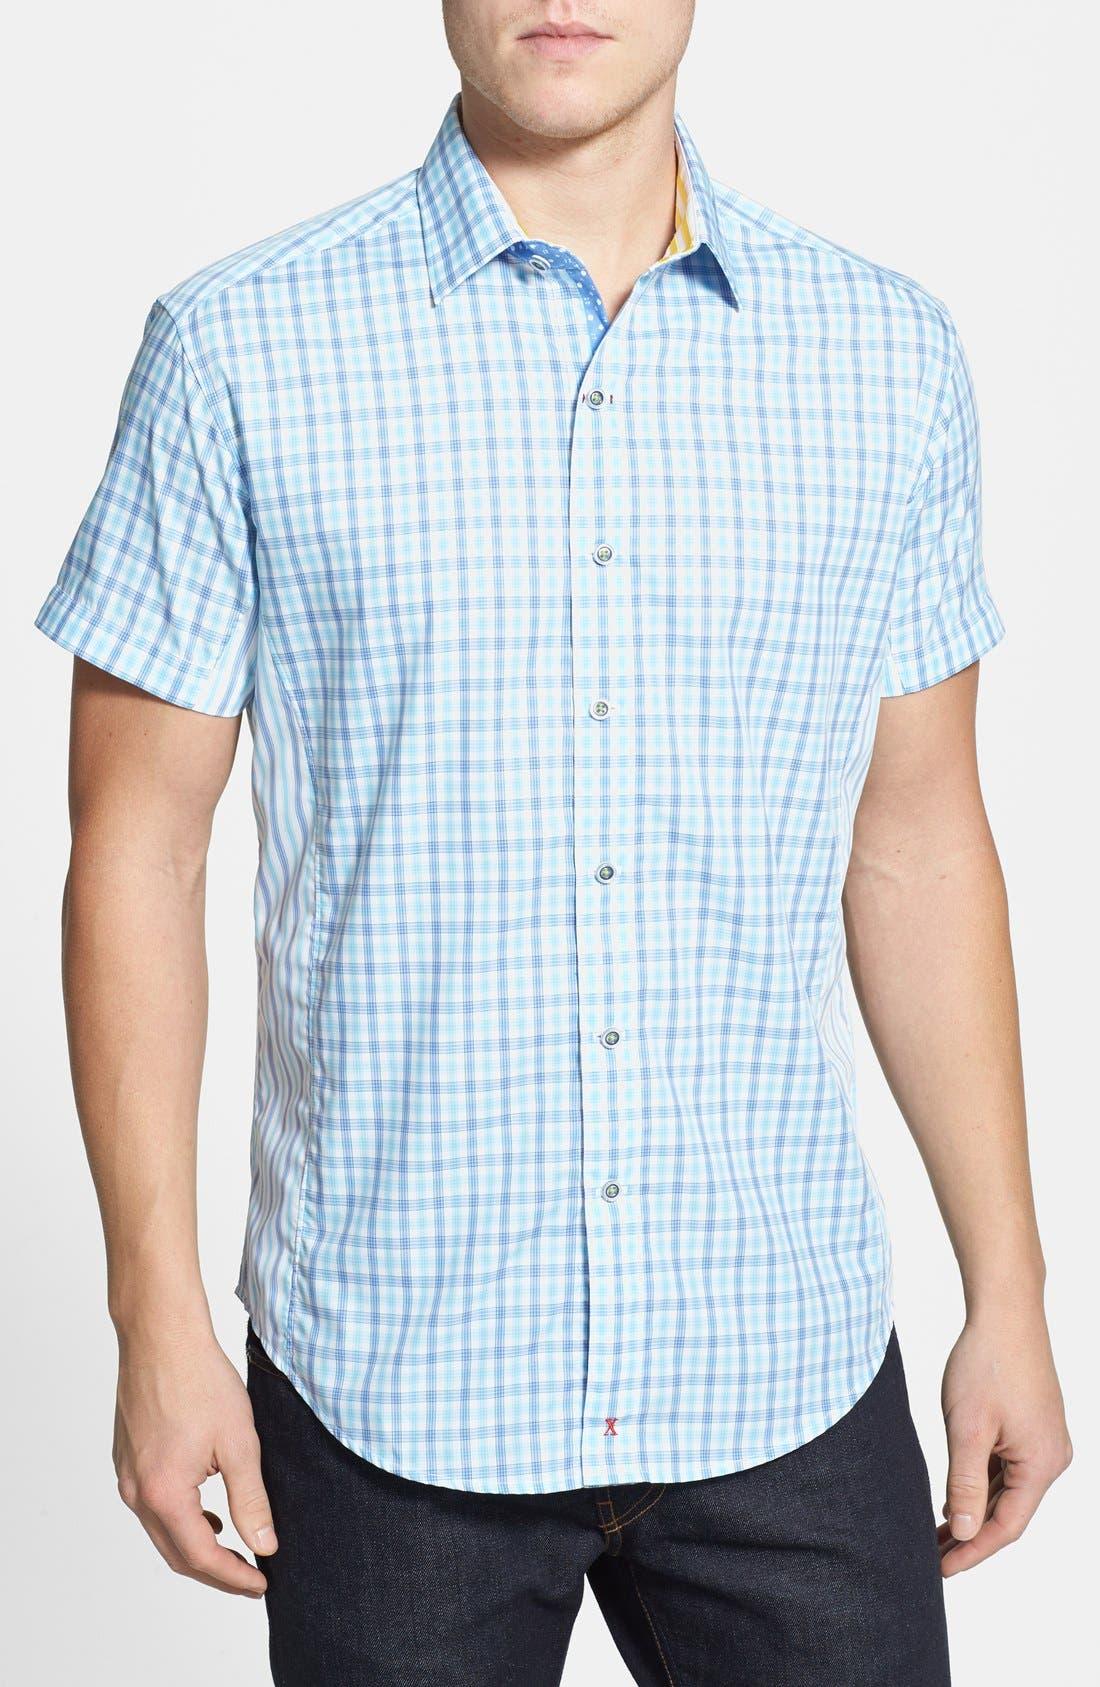 Main Image - Robert Graham 'Fields' Tailored Fit Sport Shirt